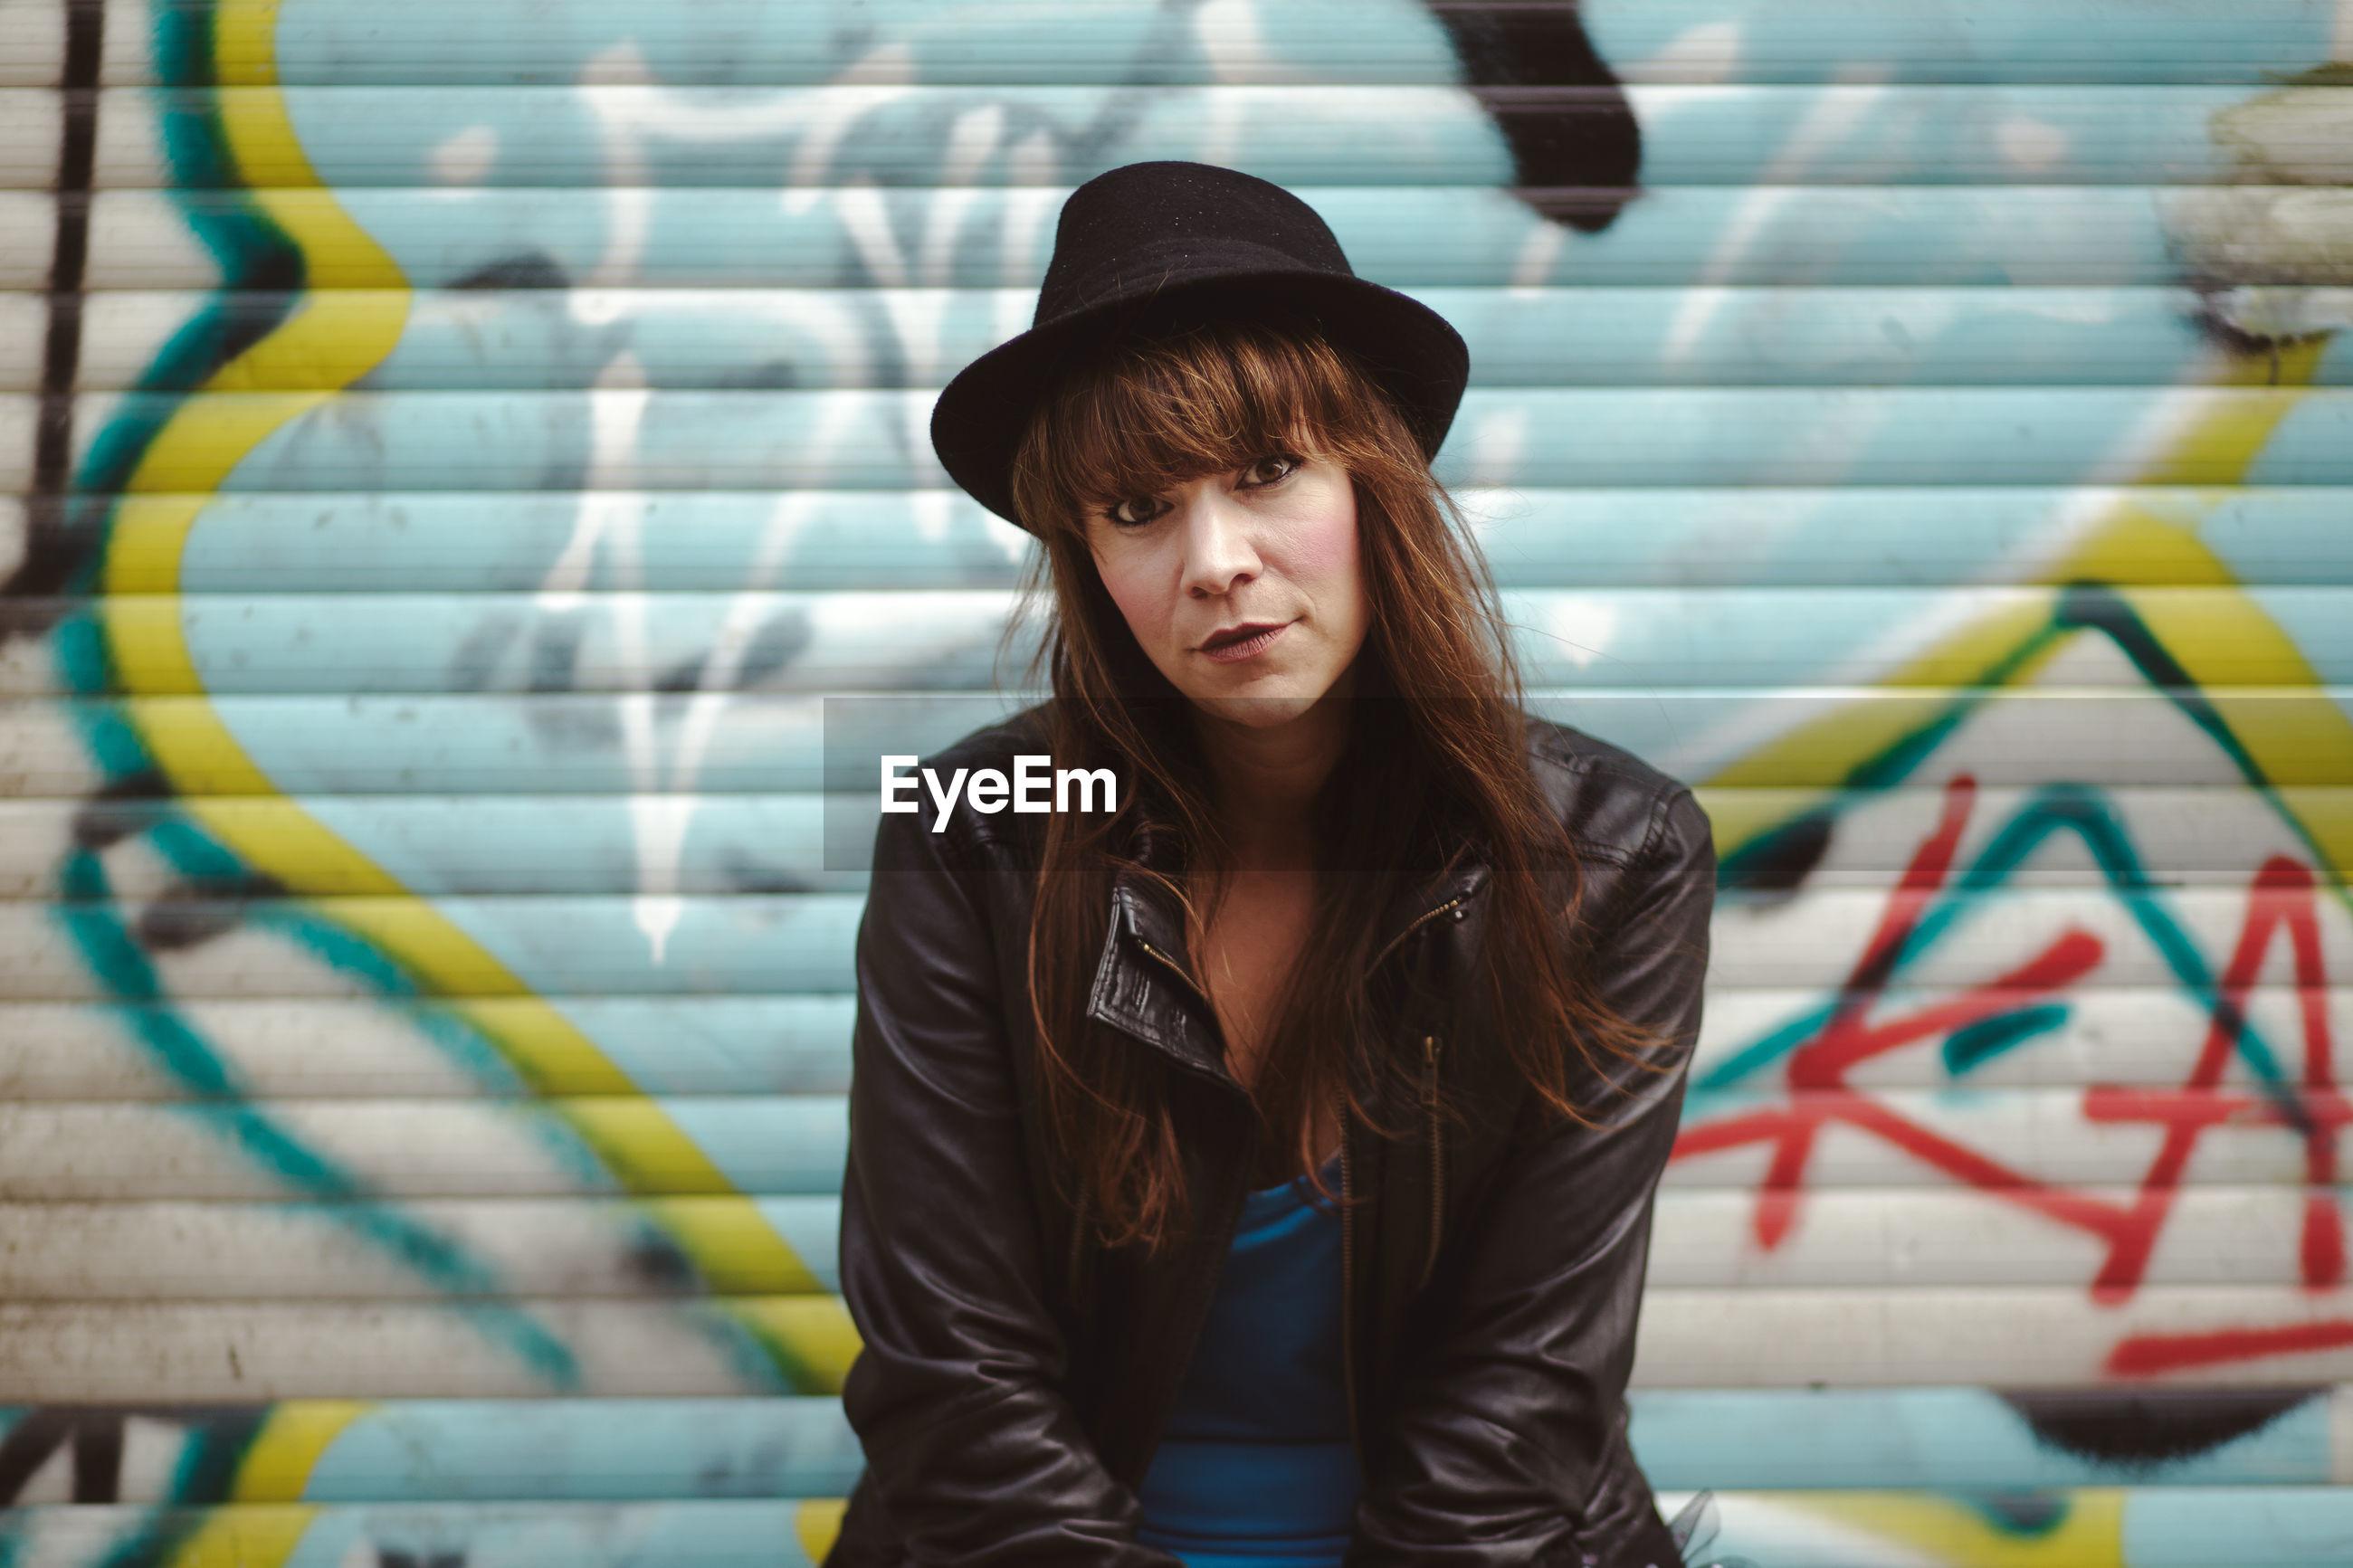 Portrait of woman wearing hat against graffiti shutter in city